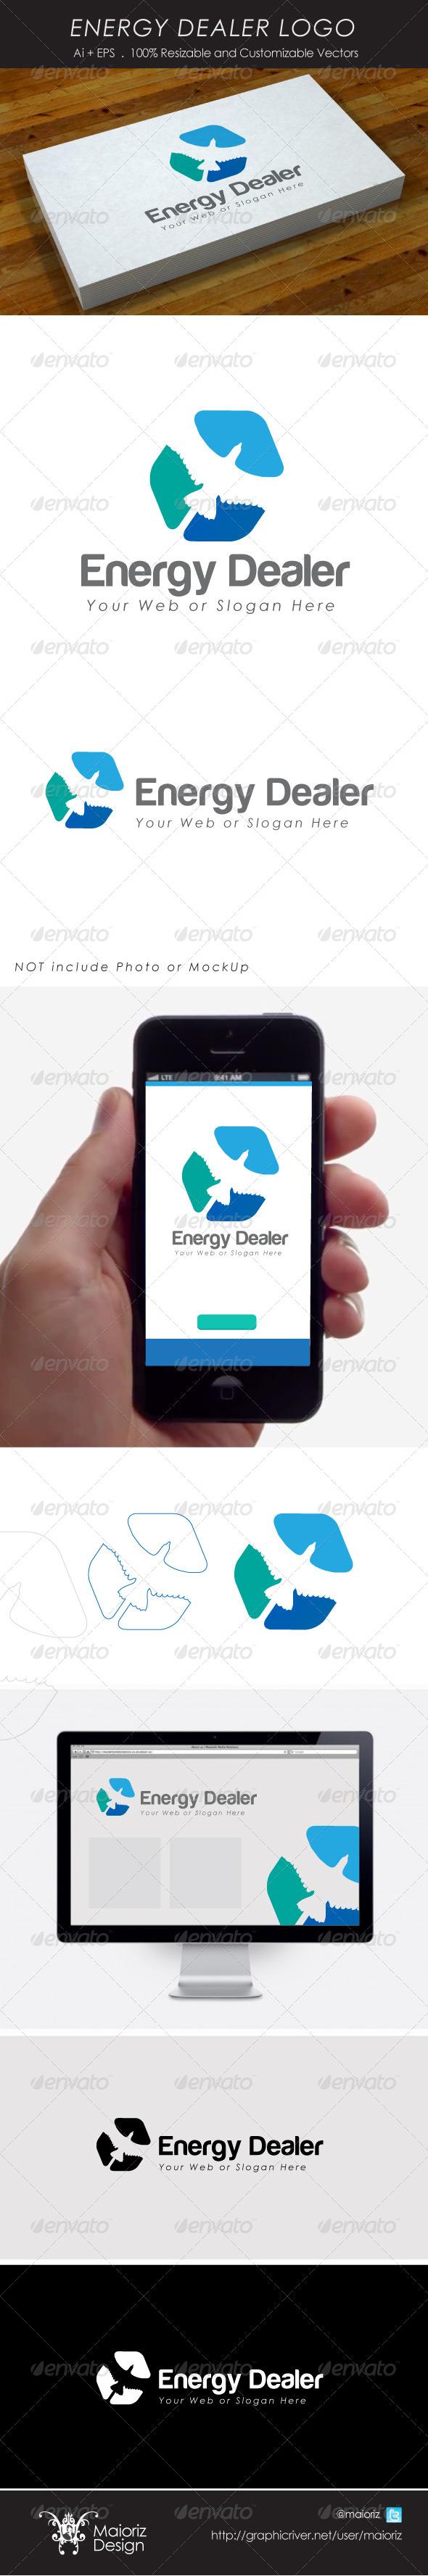 GraphicRiver Energy Dealer Logo 4307148